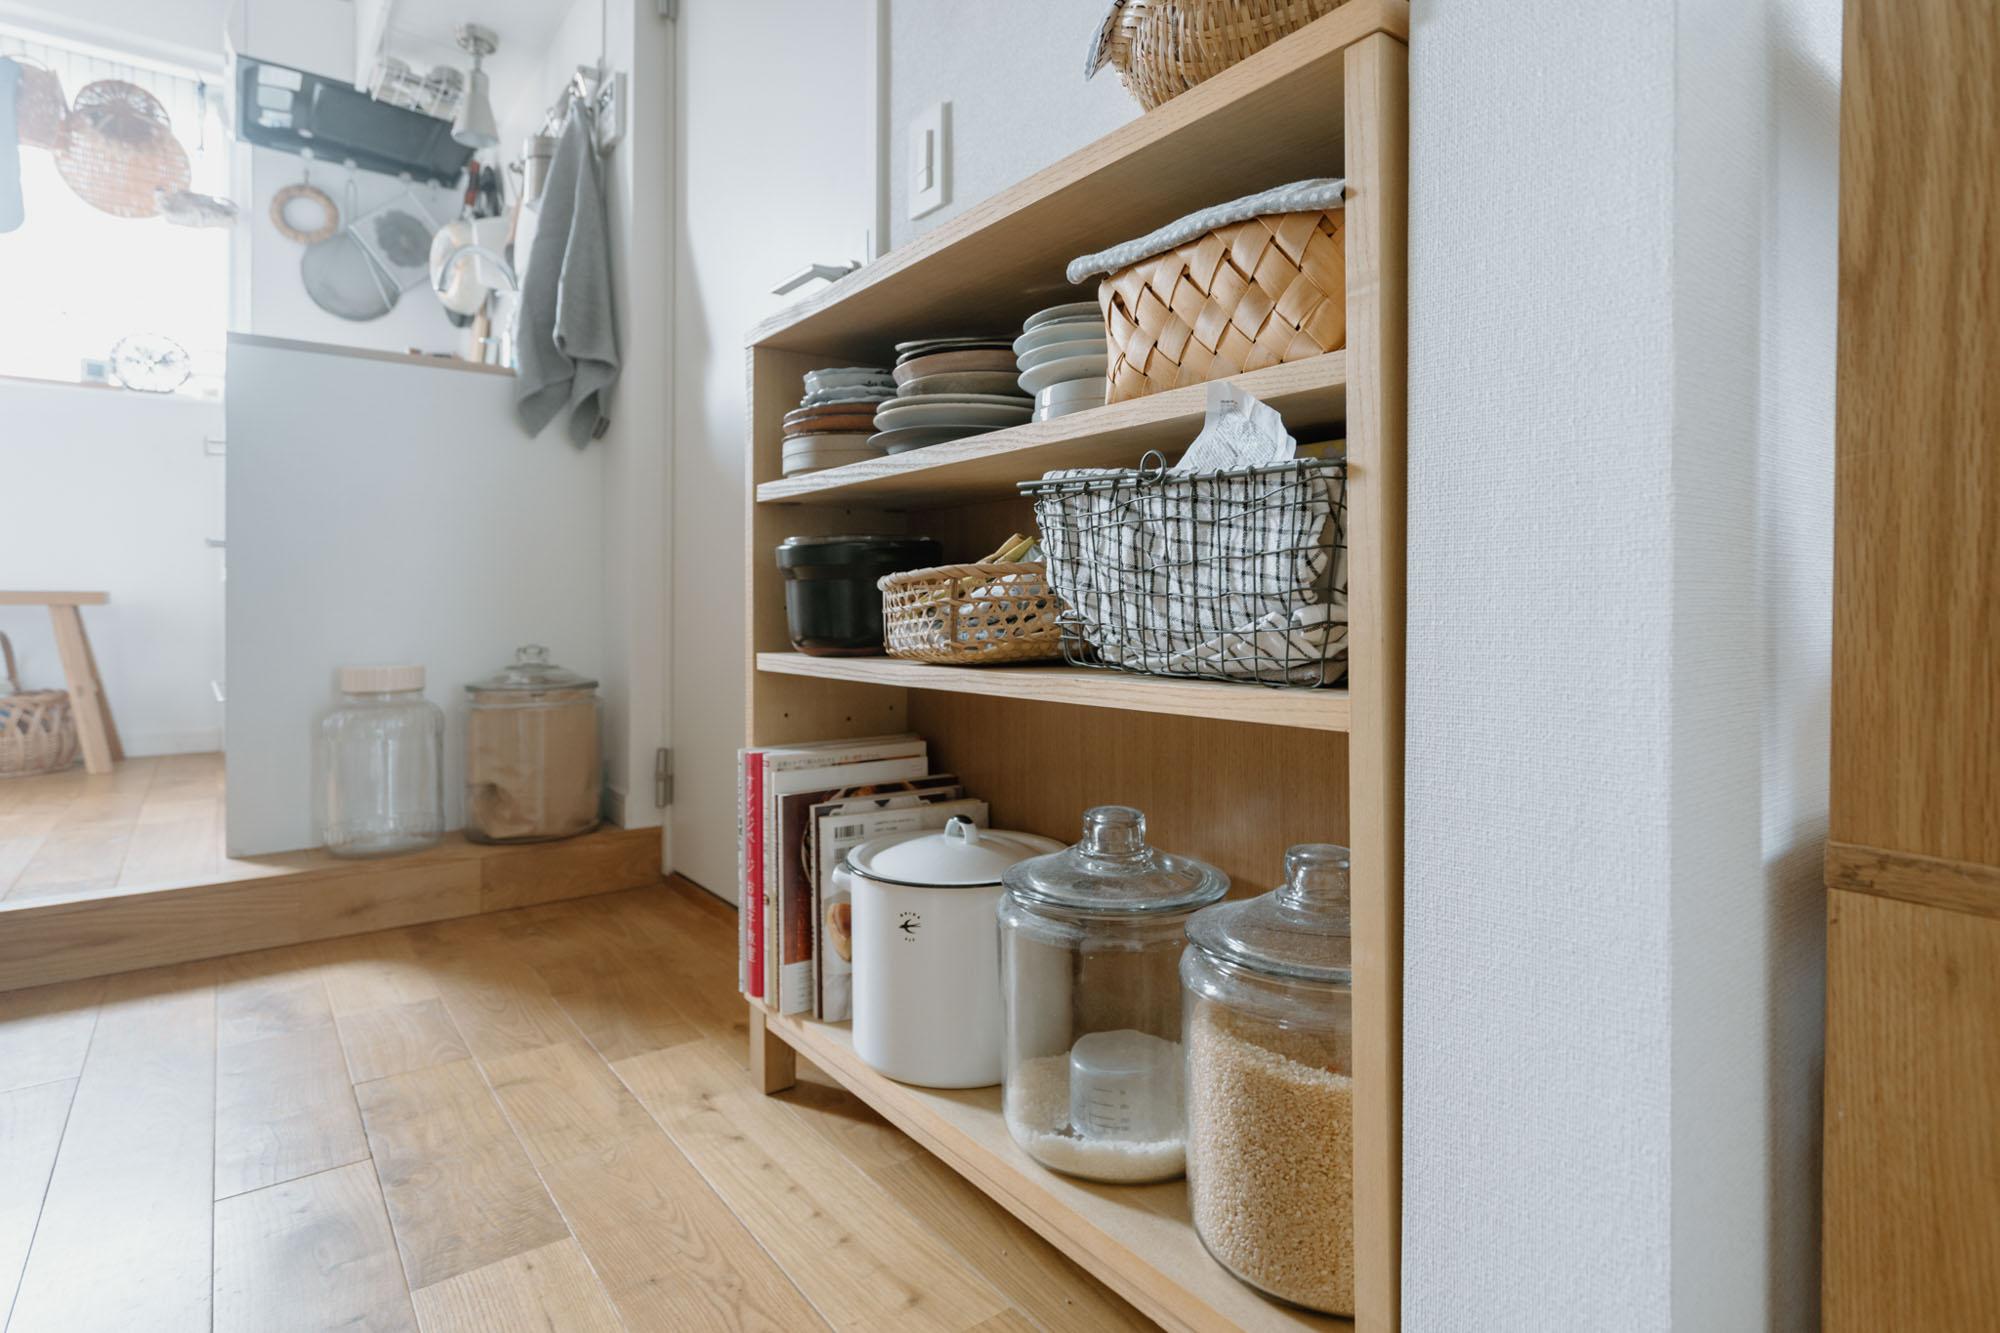 キッチンと居室の間にあるちょっとしたスペース。こちら側には無印良品の薄型ラックを。